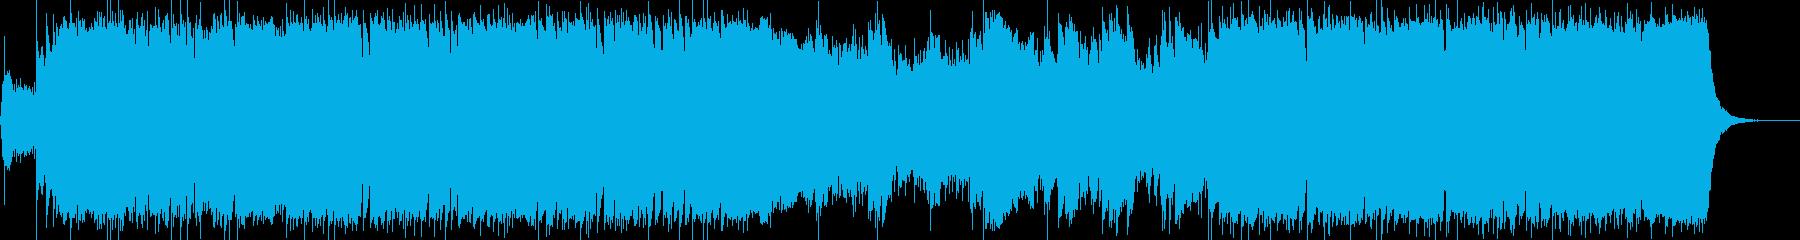 ダークファンタジーオーケストラ戦闘曲73の再生済みの波形